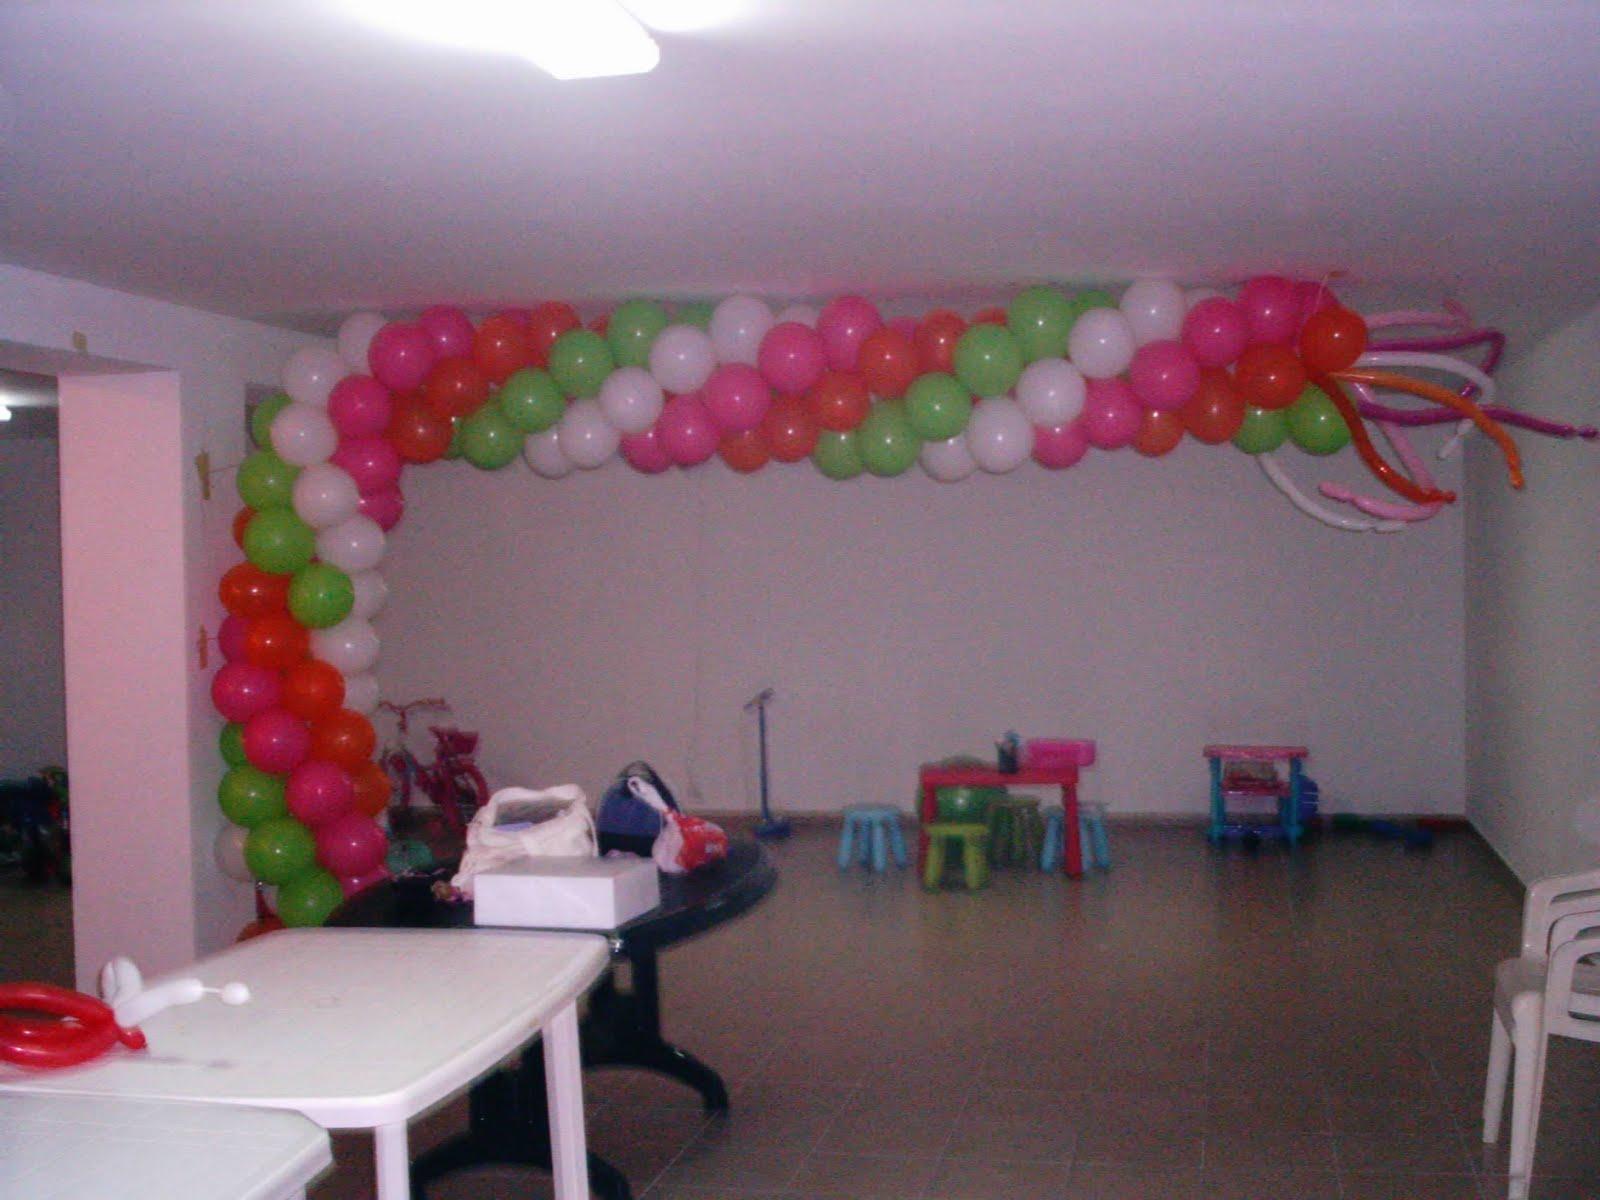 decoracao festa winx:decoracoes festas aniversario: Festa das Winx